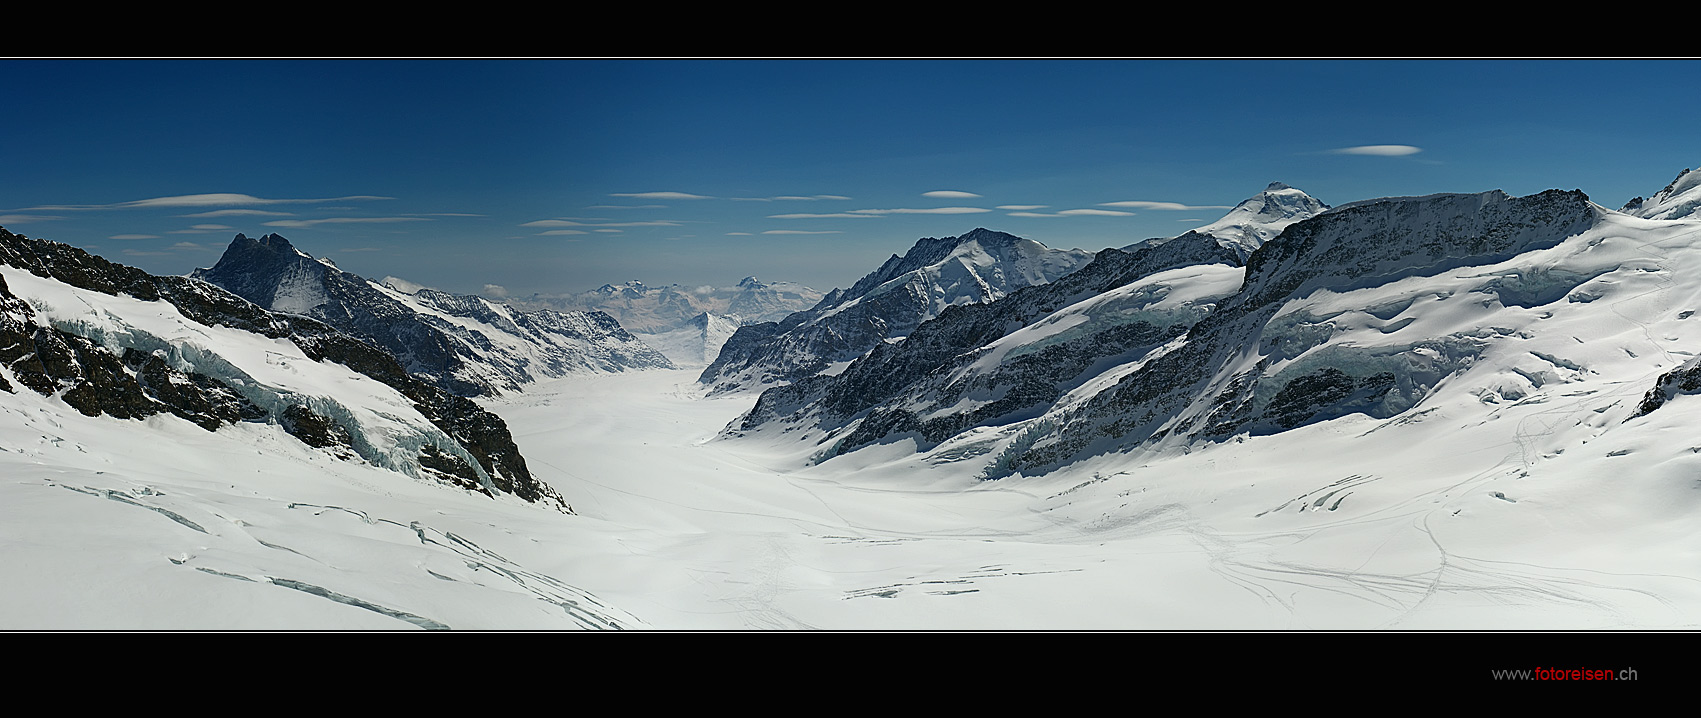 Grosser Aletschgletscher vom Jungfraujoch